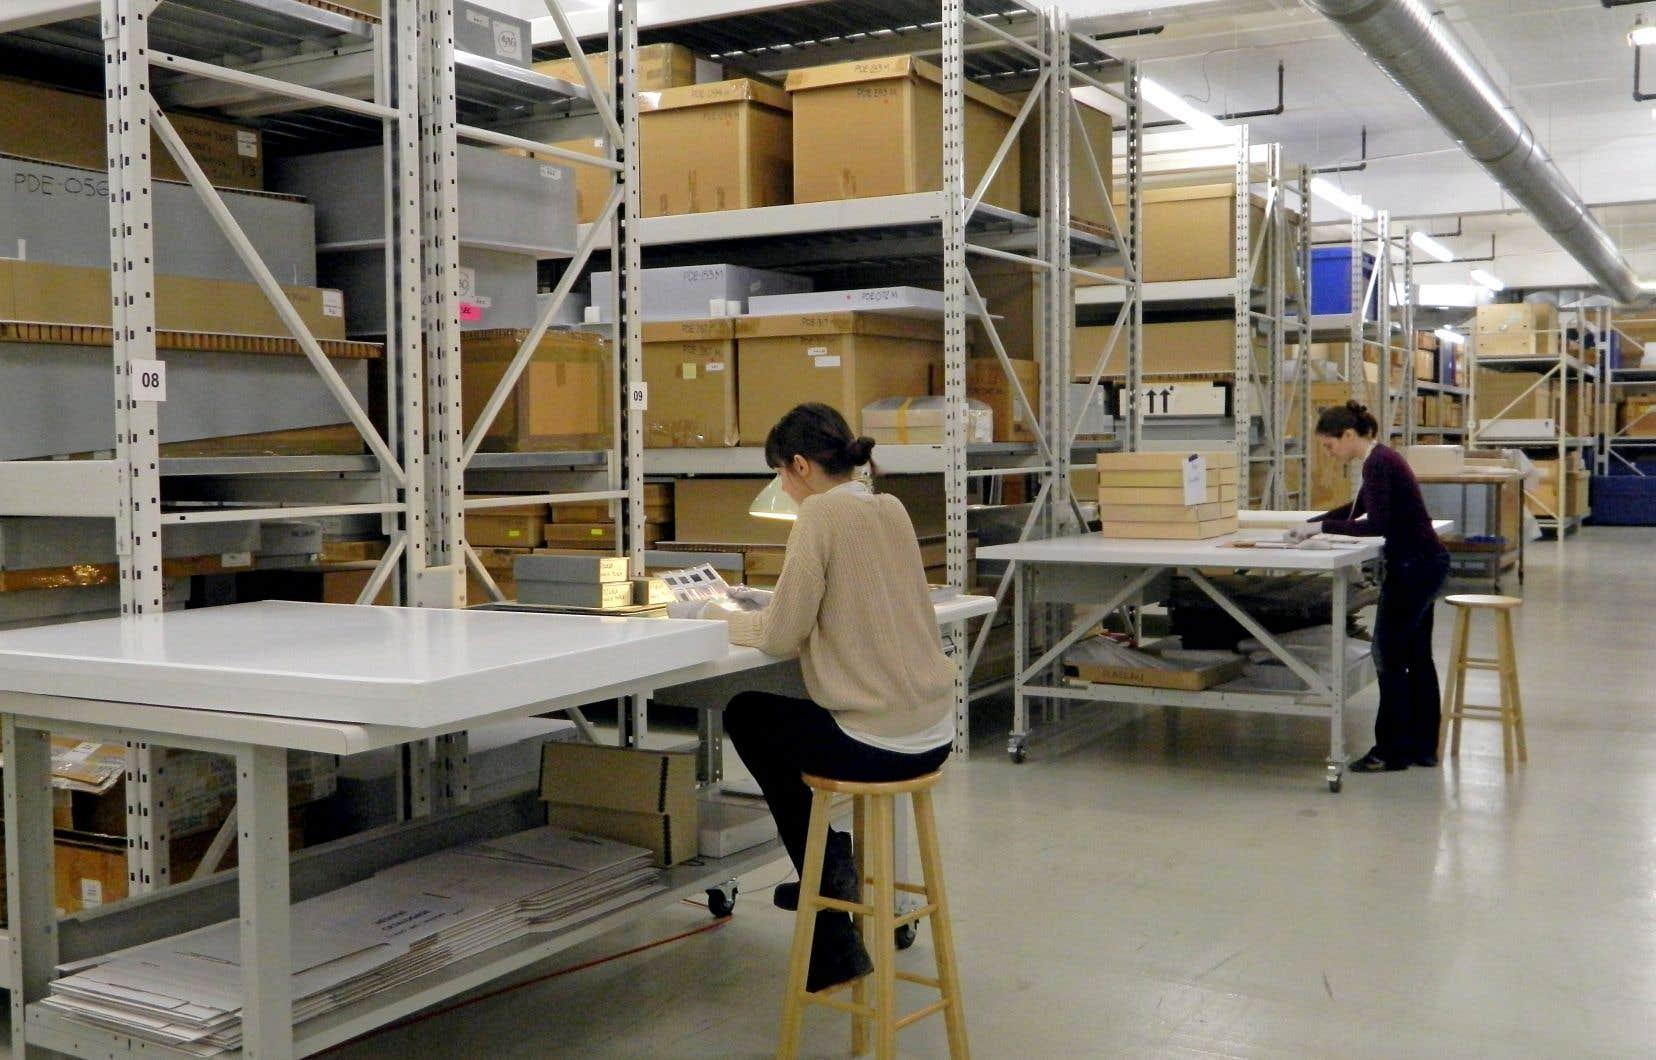 Les services d'archives du Centre canadien d'architecture font partie des 39 services d'archives privées agréés au Québec.